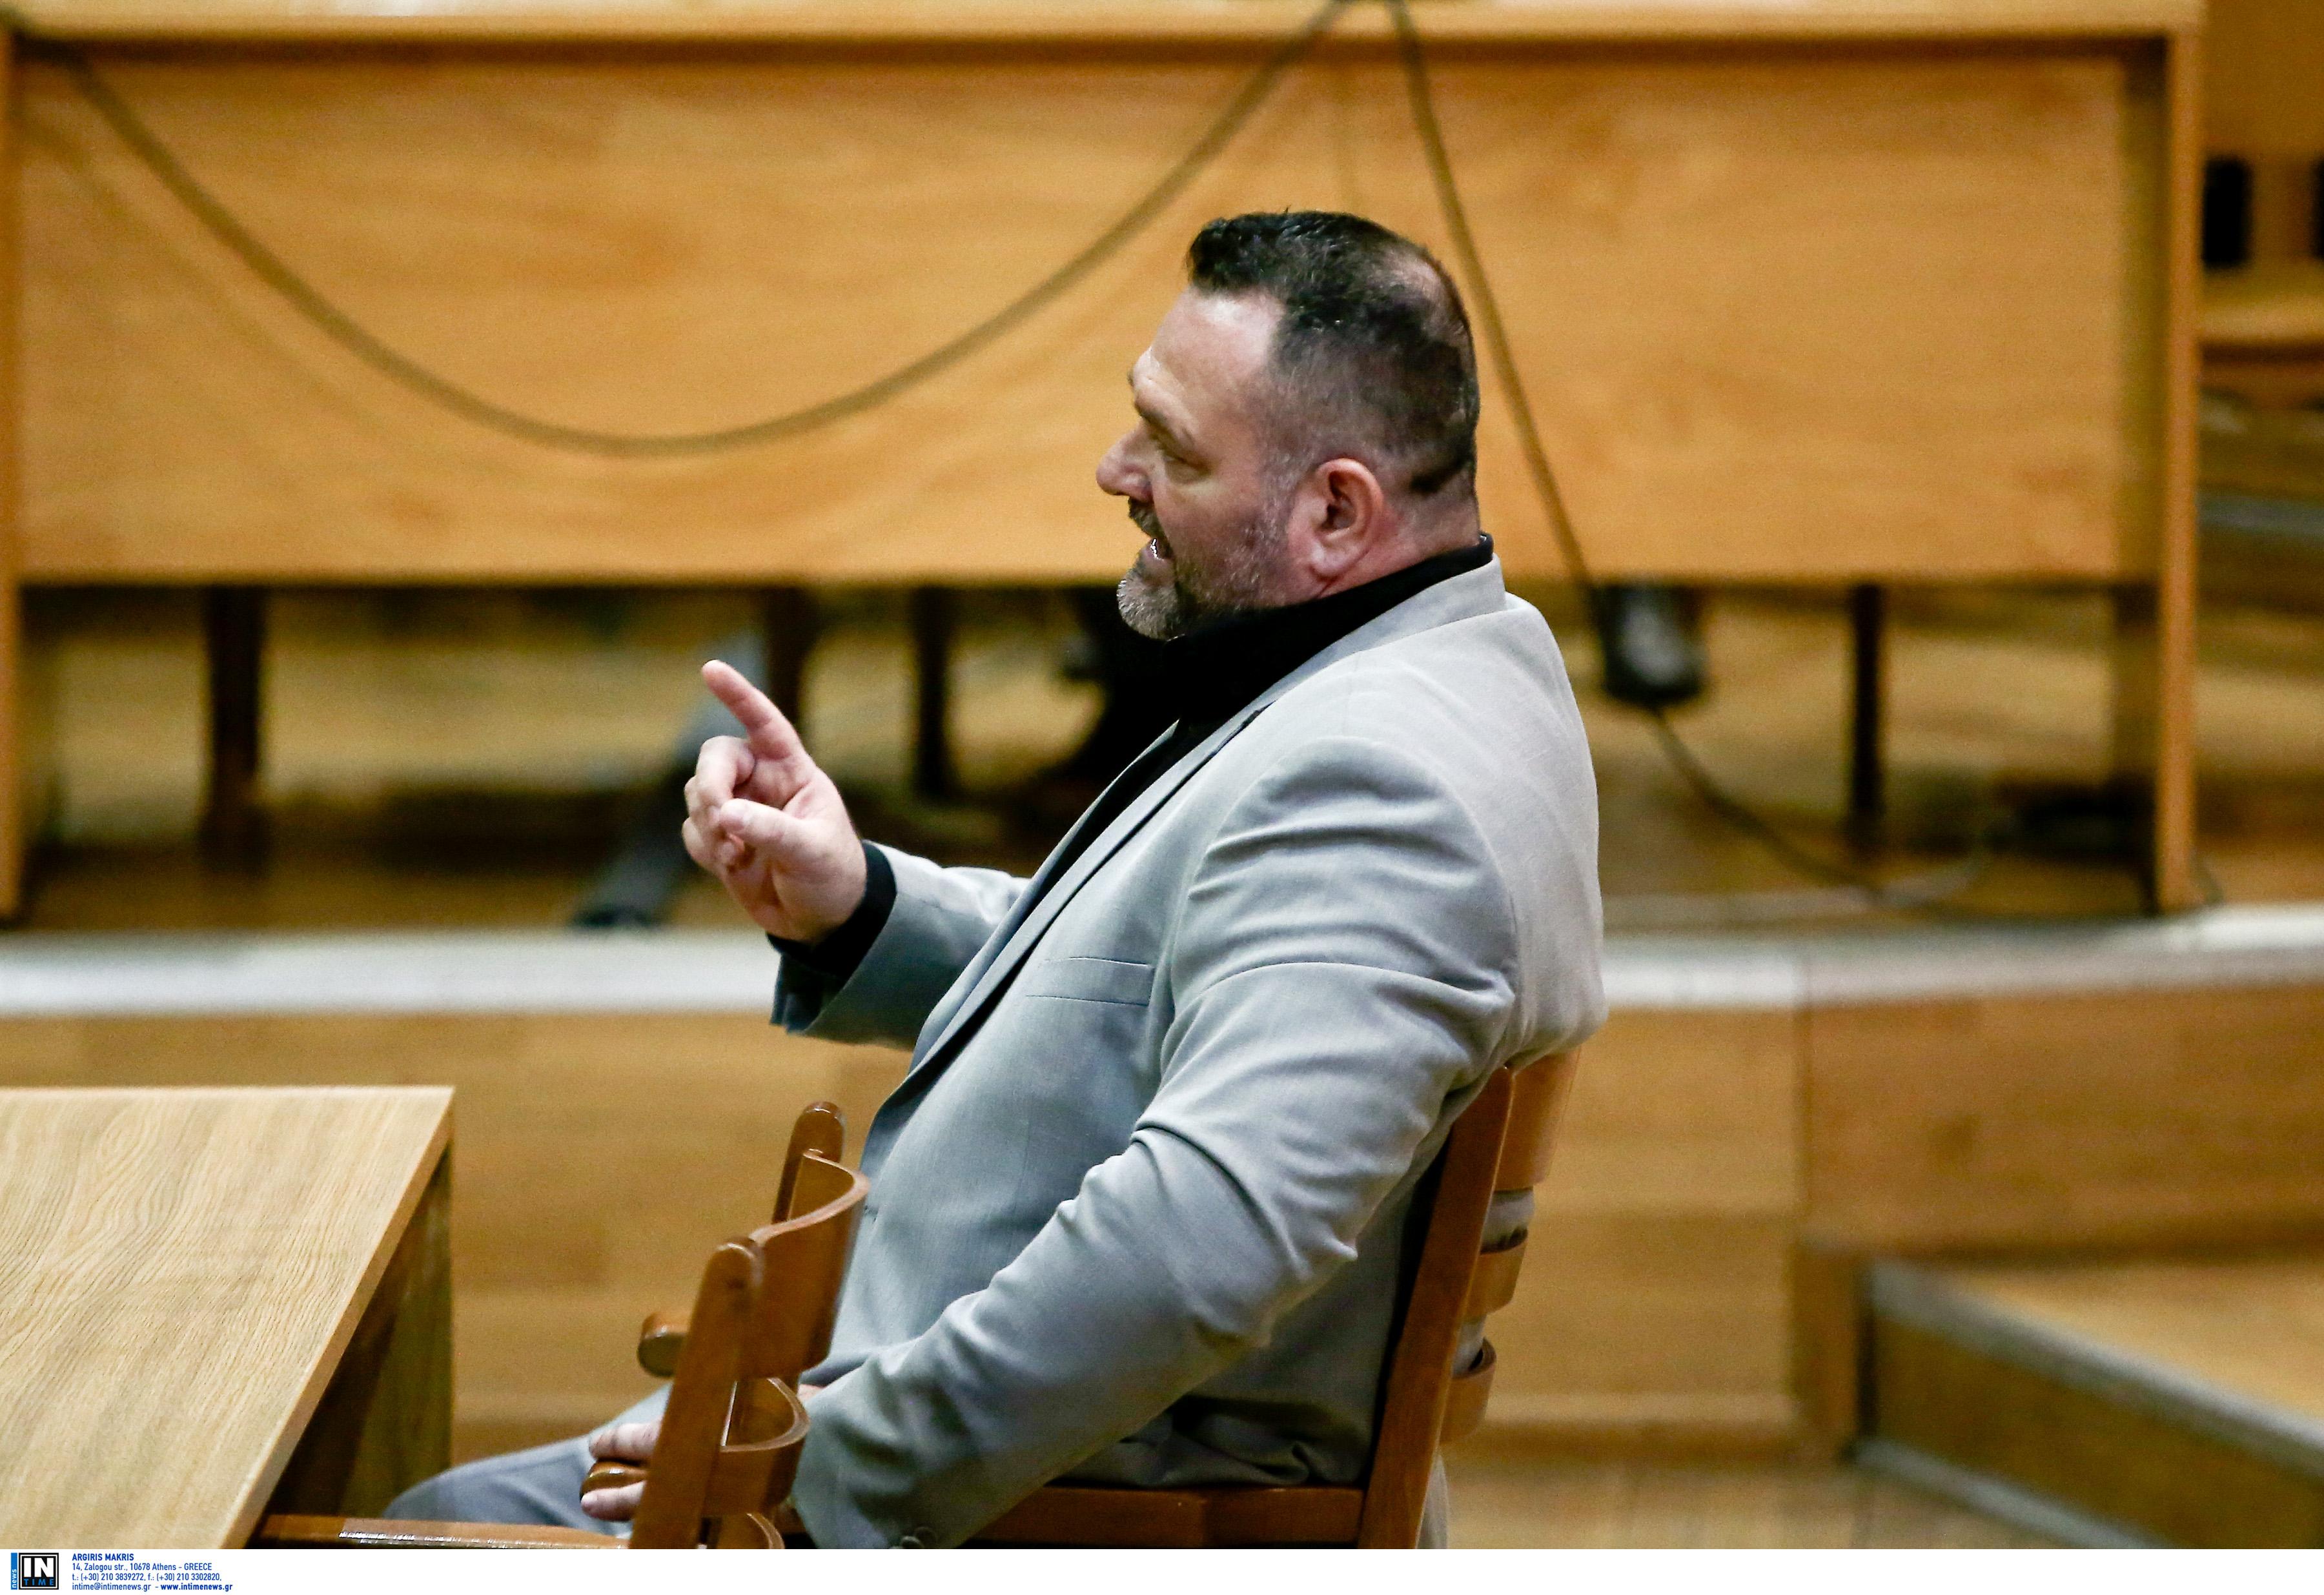 Δίκη Χρυσής Αυγής – Προκλητικός Λαγός: Δεν έχω να απολογηθώ για τίποτα!